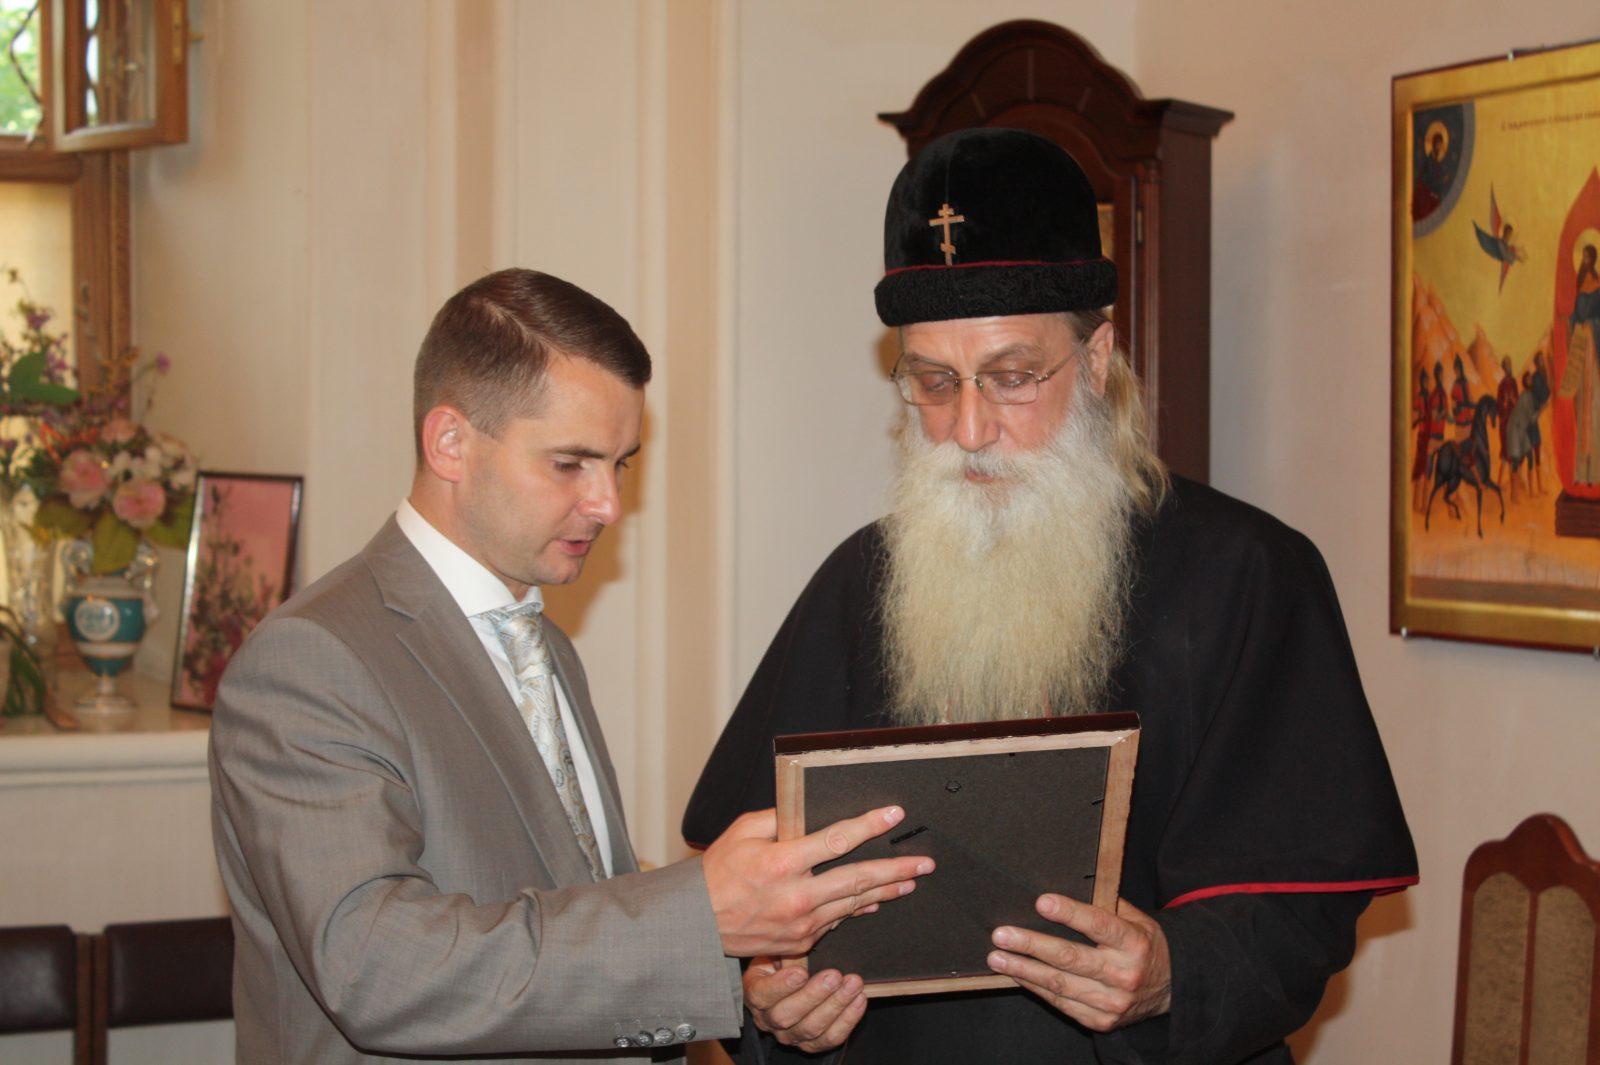 Встреча с председателем комитета по делам общественных объединений и религиозных организаций Госдумы